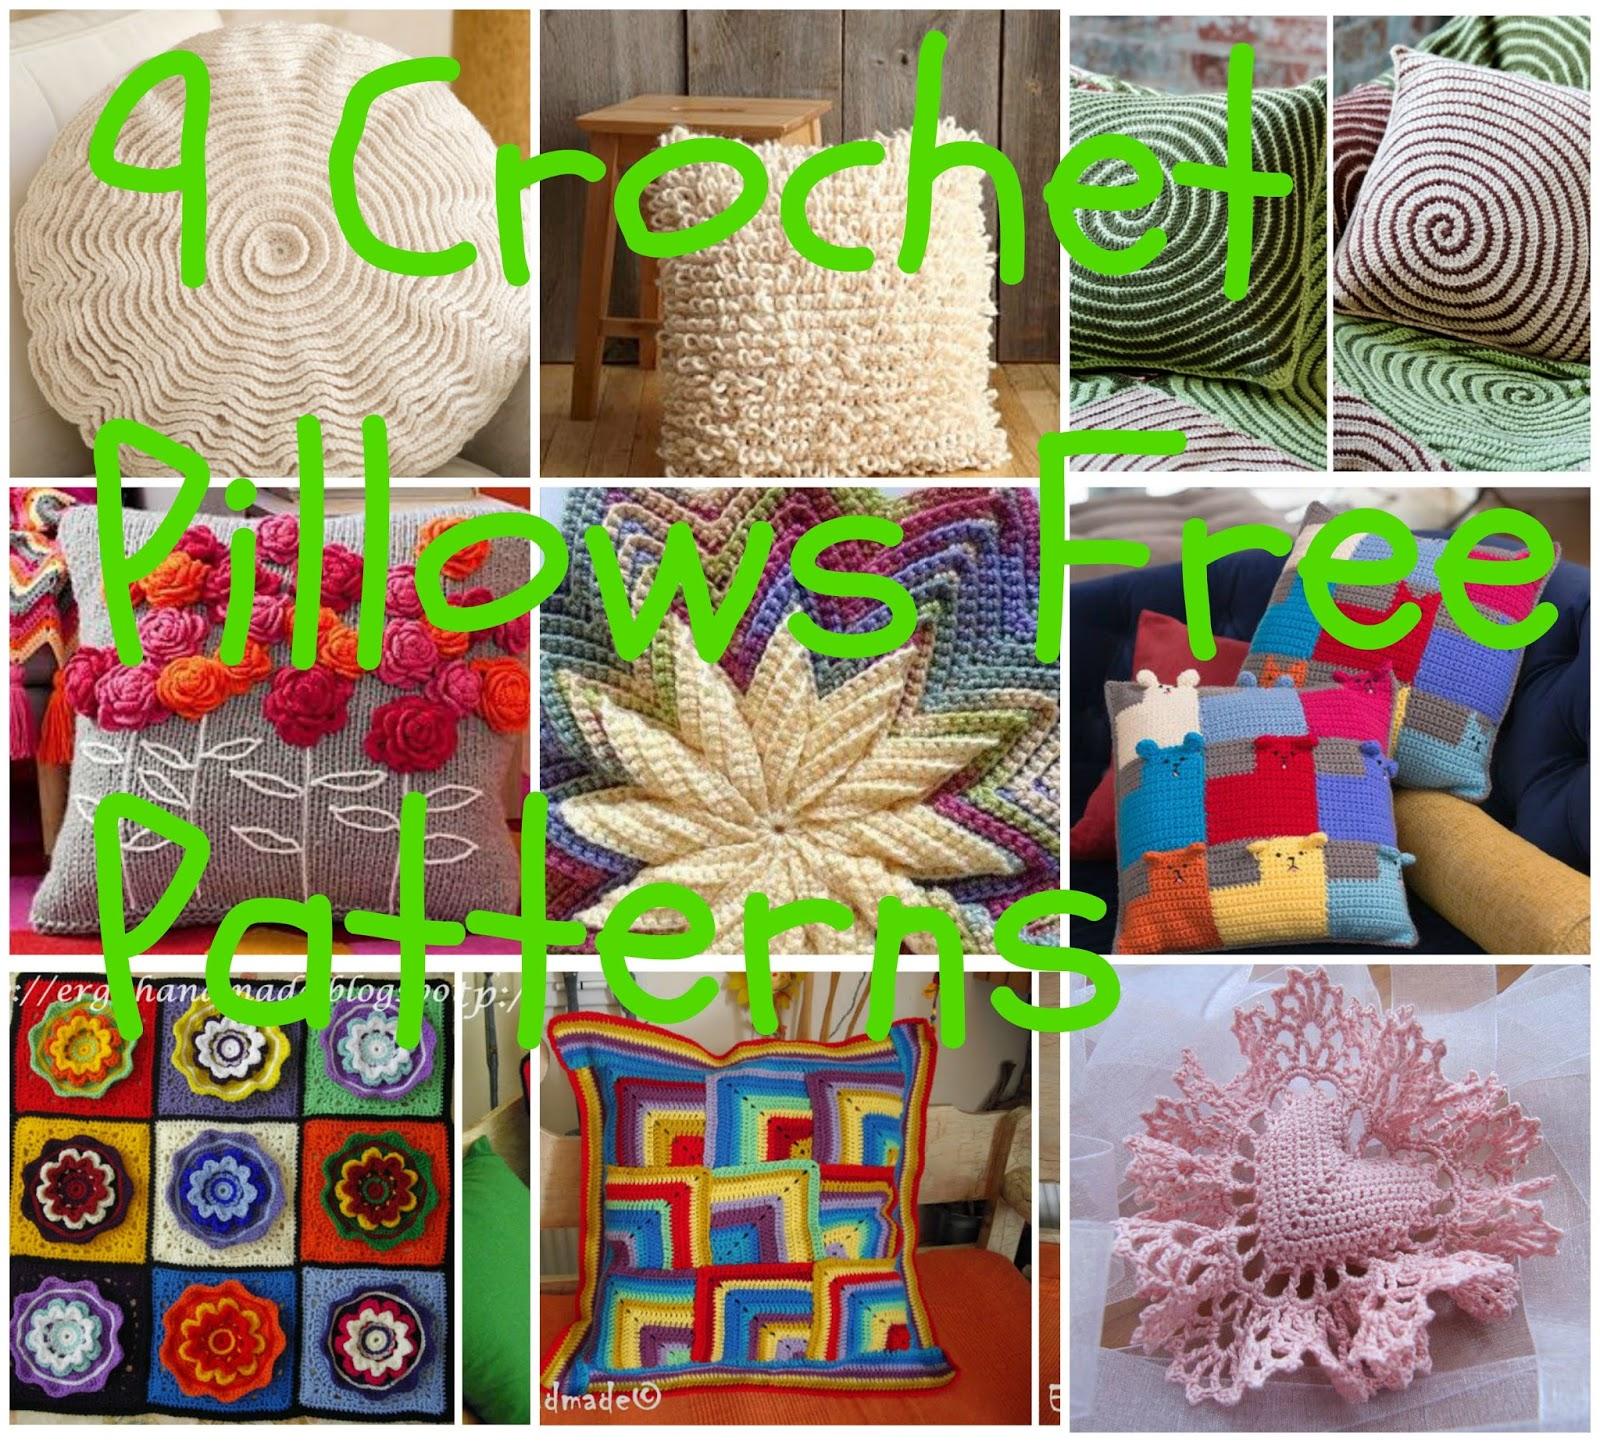 ergahandmade: 9 Crochet Pillows + Free Crochet Patterns